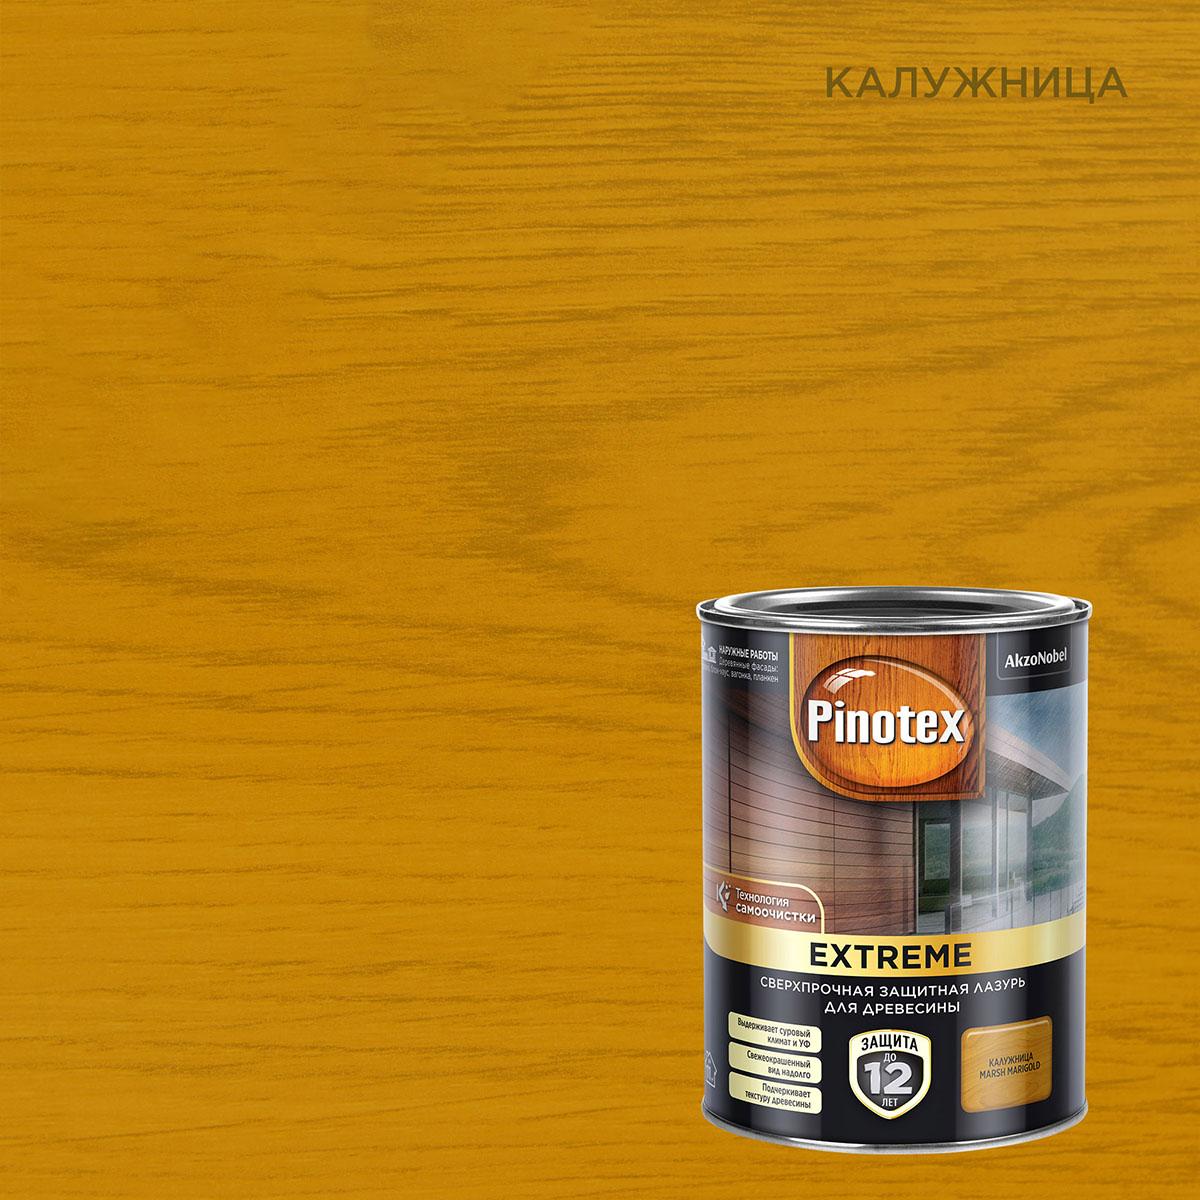 Лазурь для дерева Pinotex цвет калужница 0.9 л